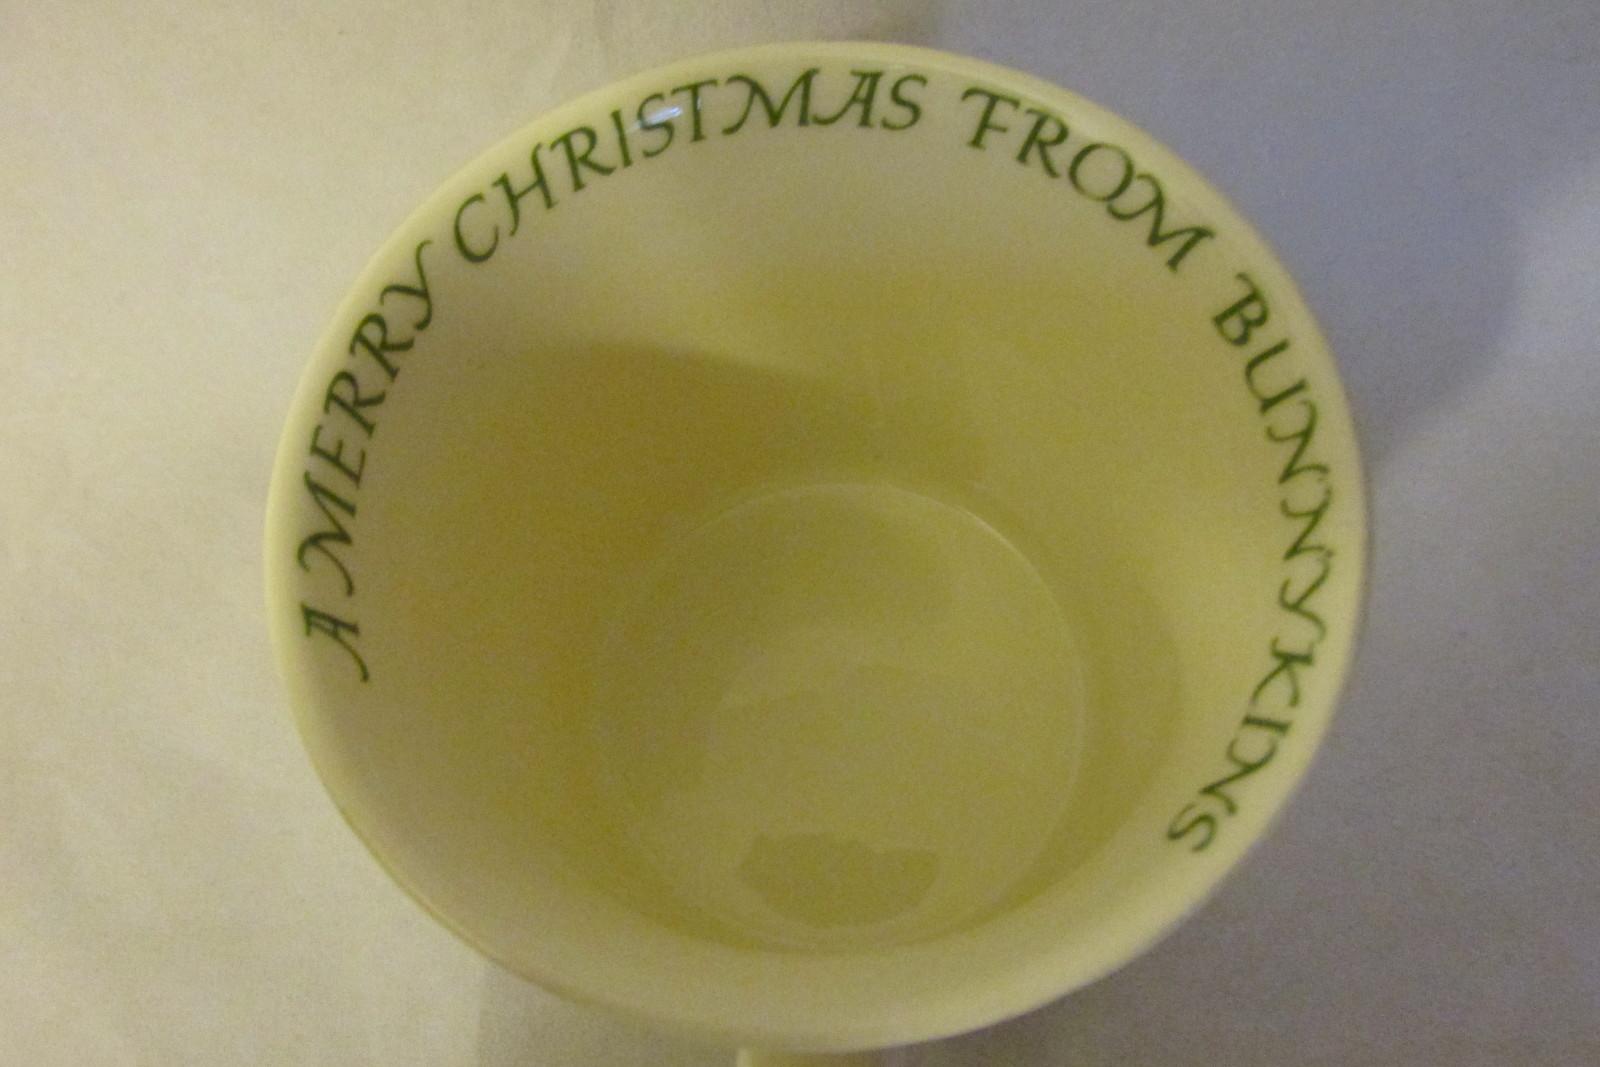 """Royal Doulton Bunnykins Christmas Mug - """"A Merry Christmas From Bunnykins"""""""